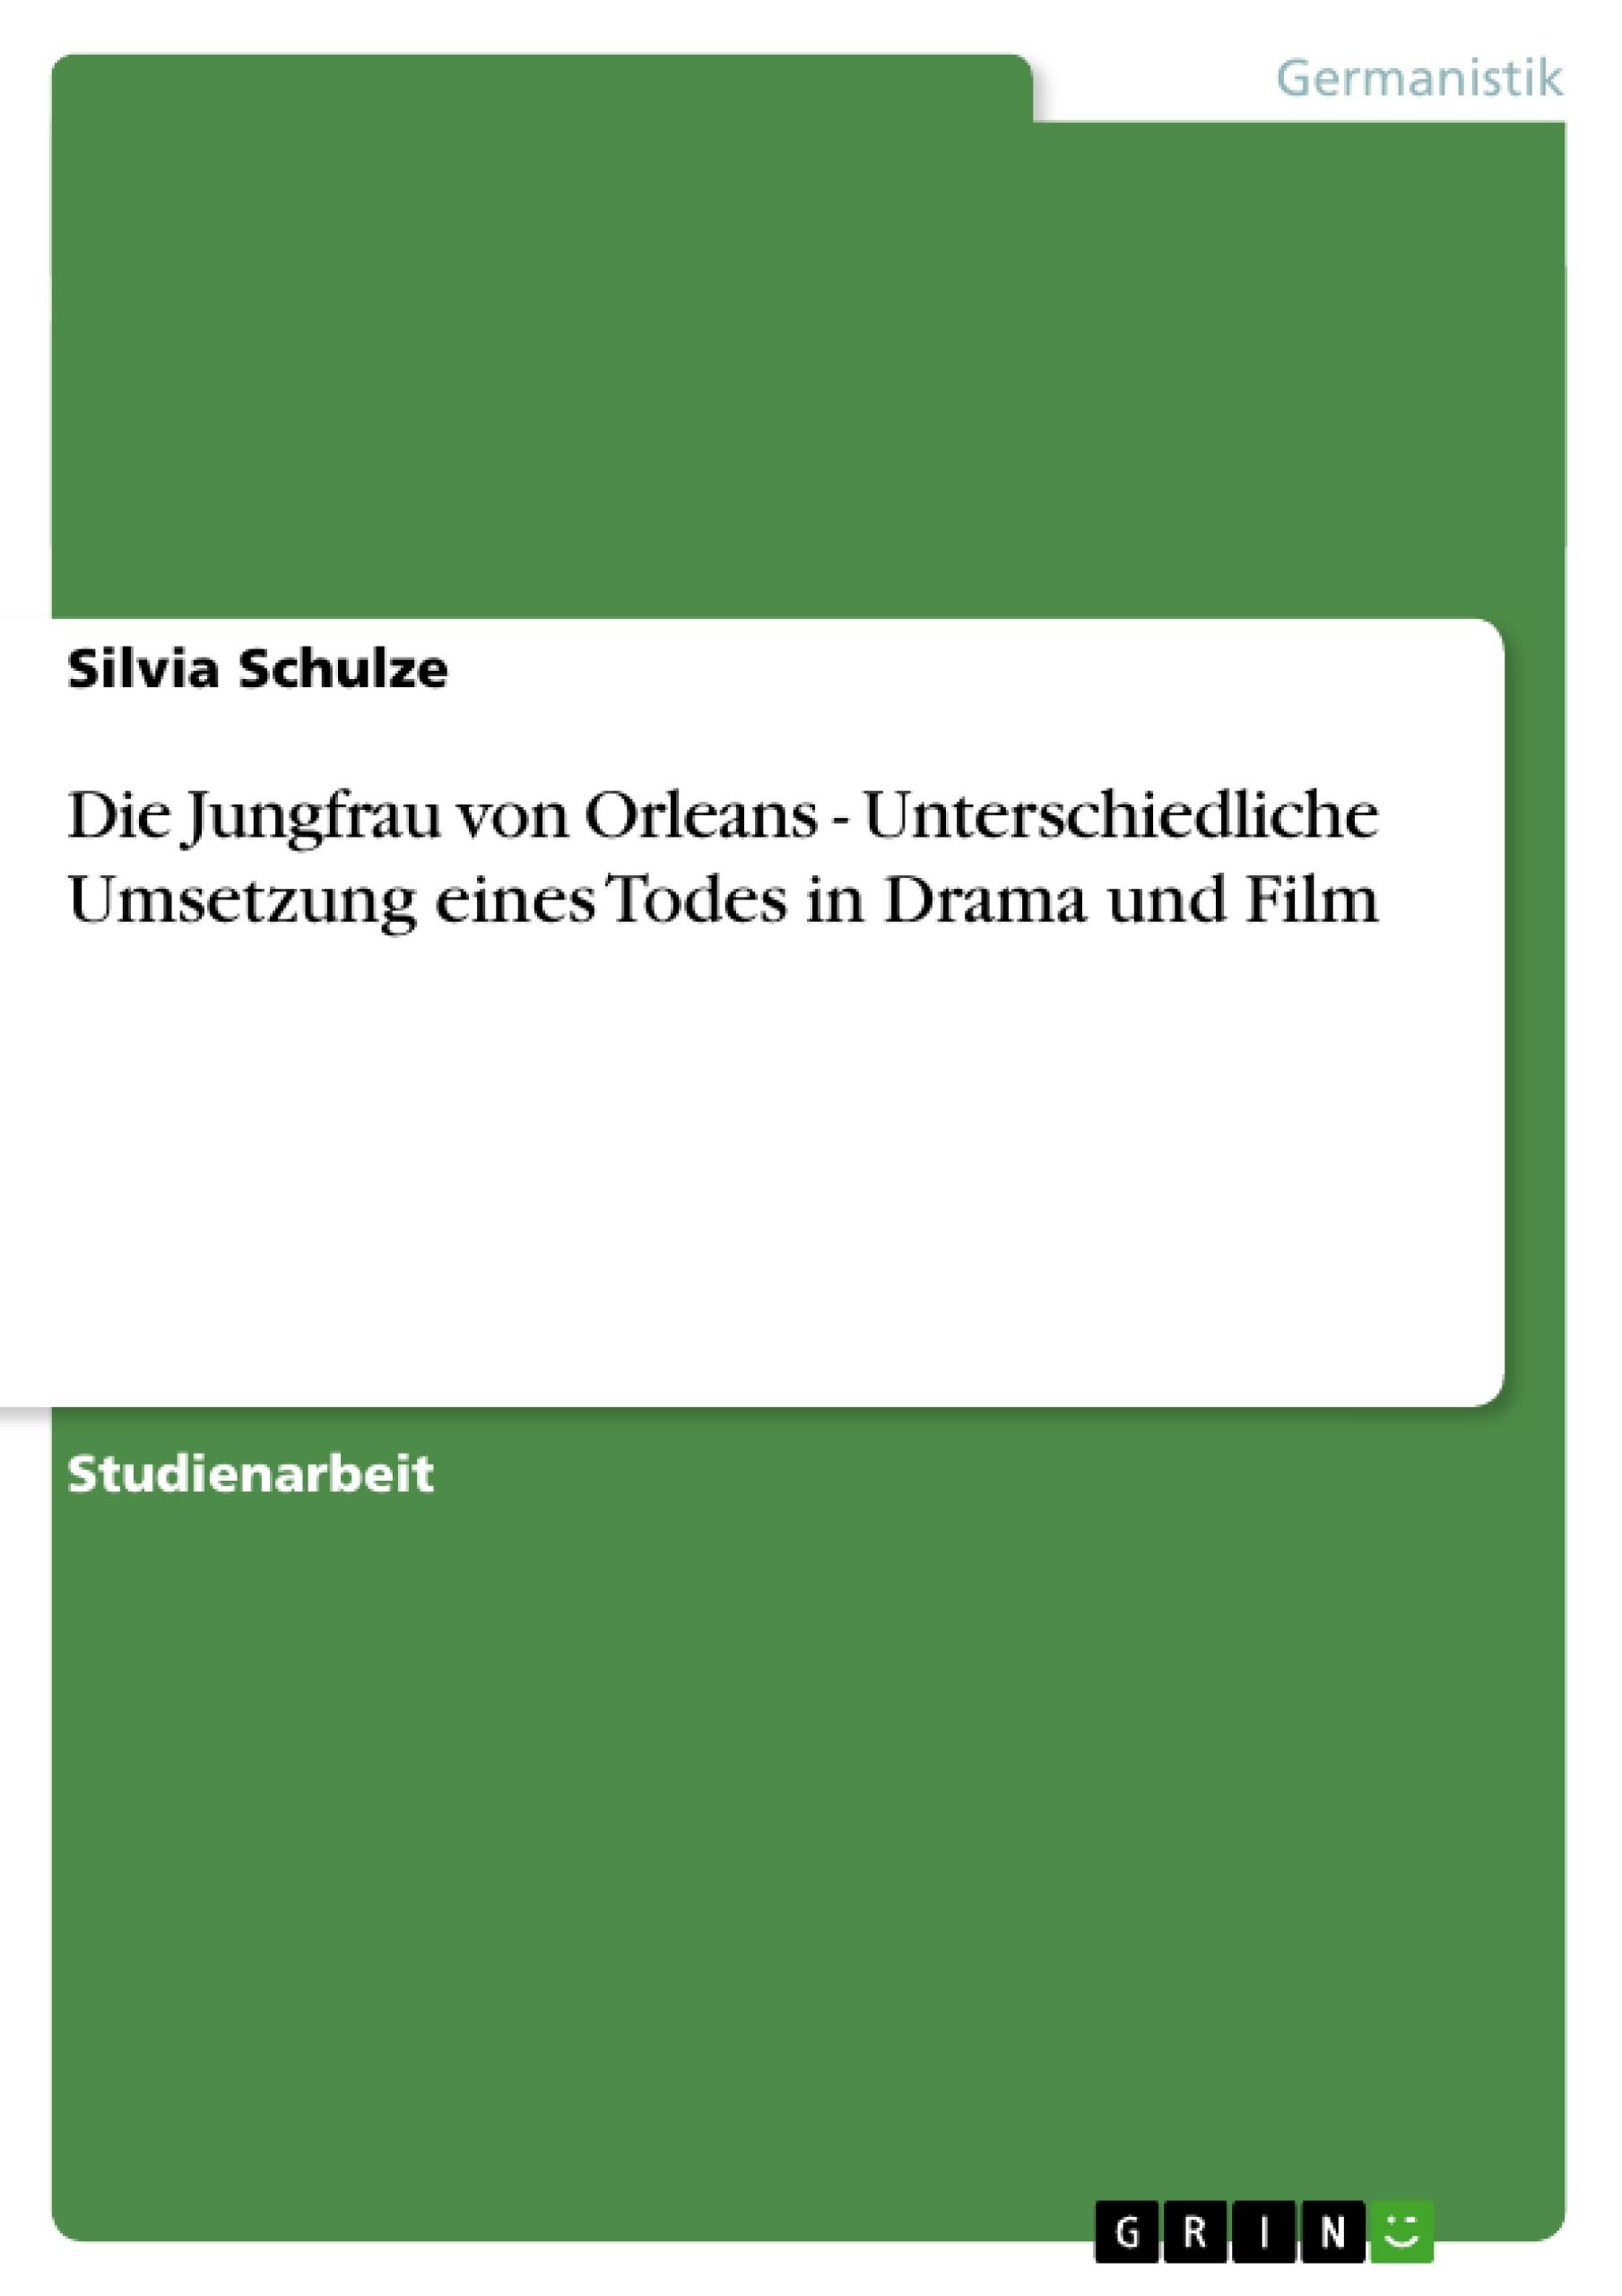 Titel: Die Jungfrau von Orleans - Unterschiedliche Umsetzung eines Todes in Drama und Film